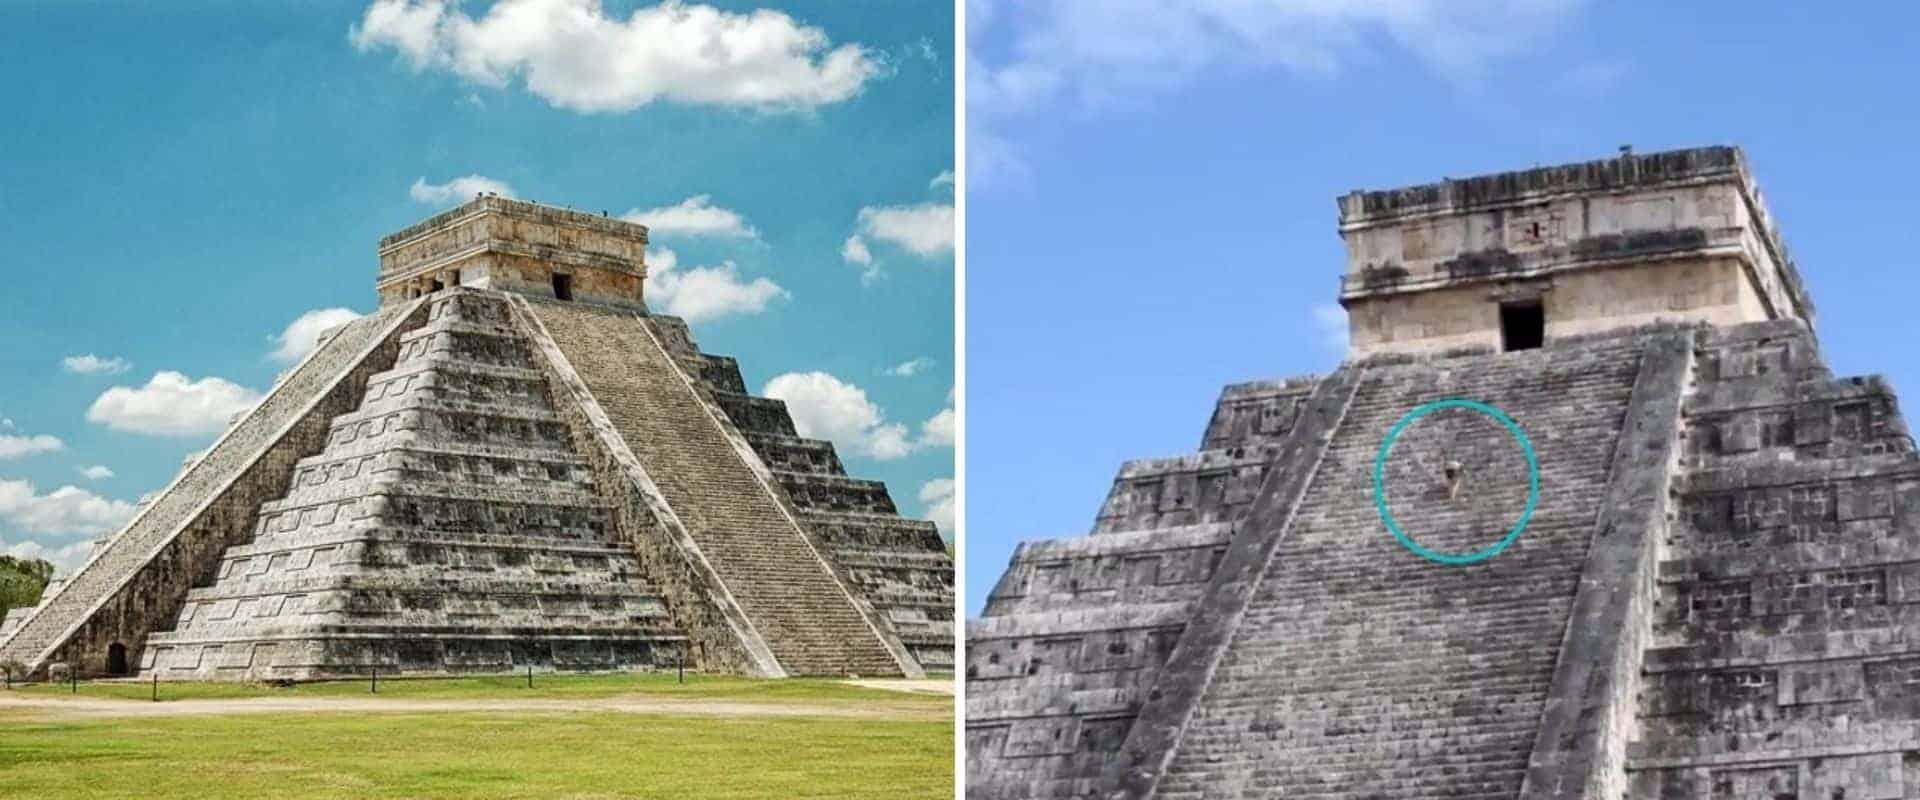 Una mujer violó la seguridad y subió a la pirámide de Kukulkán, en México, en un intento de esparcir las cenizas de su marido